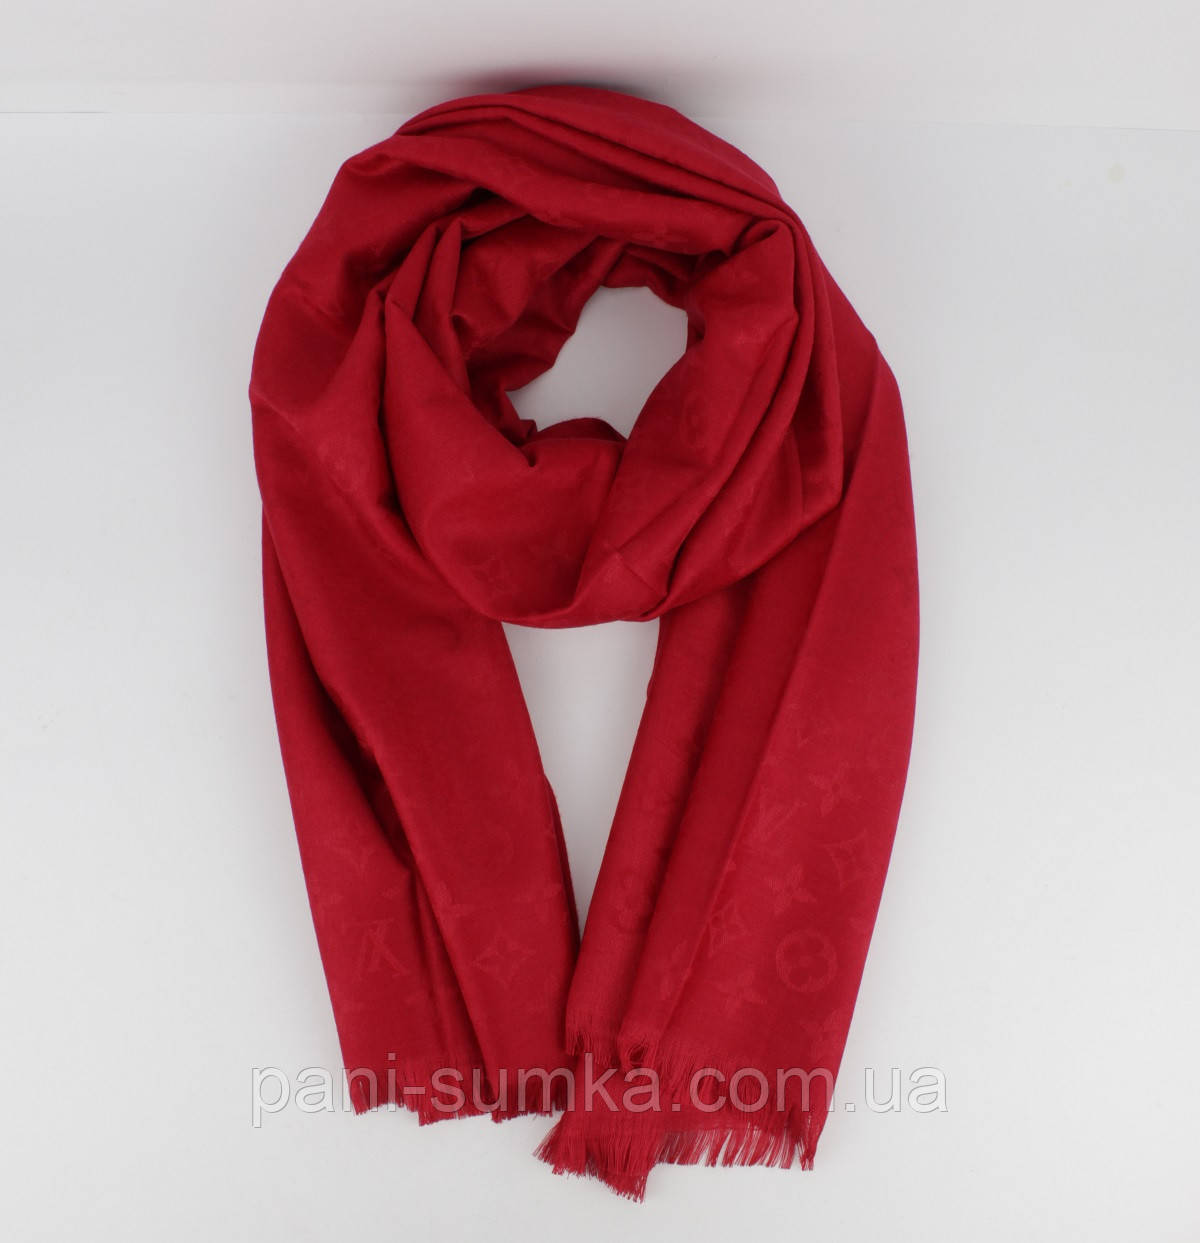 1bd9185c9ef5 Кашемировый палантин Louis Vuitton 8881-24 красный двусторонний, фото 1